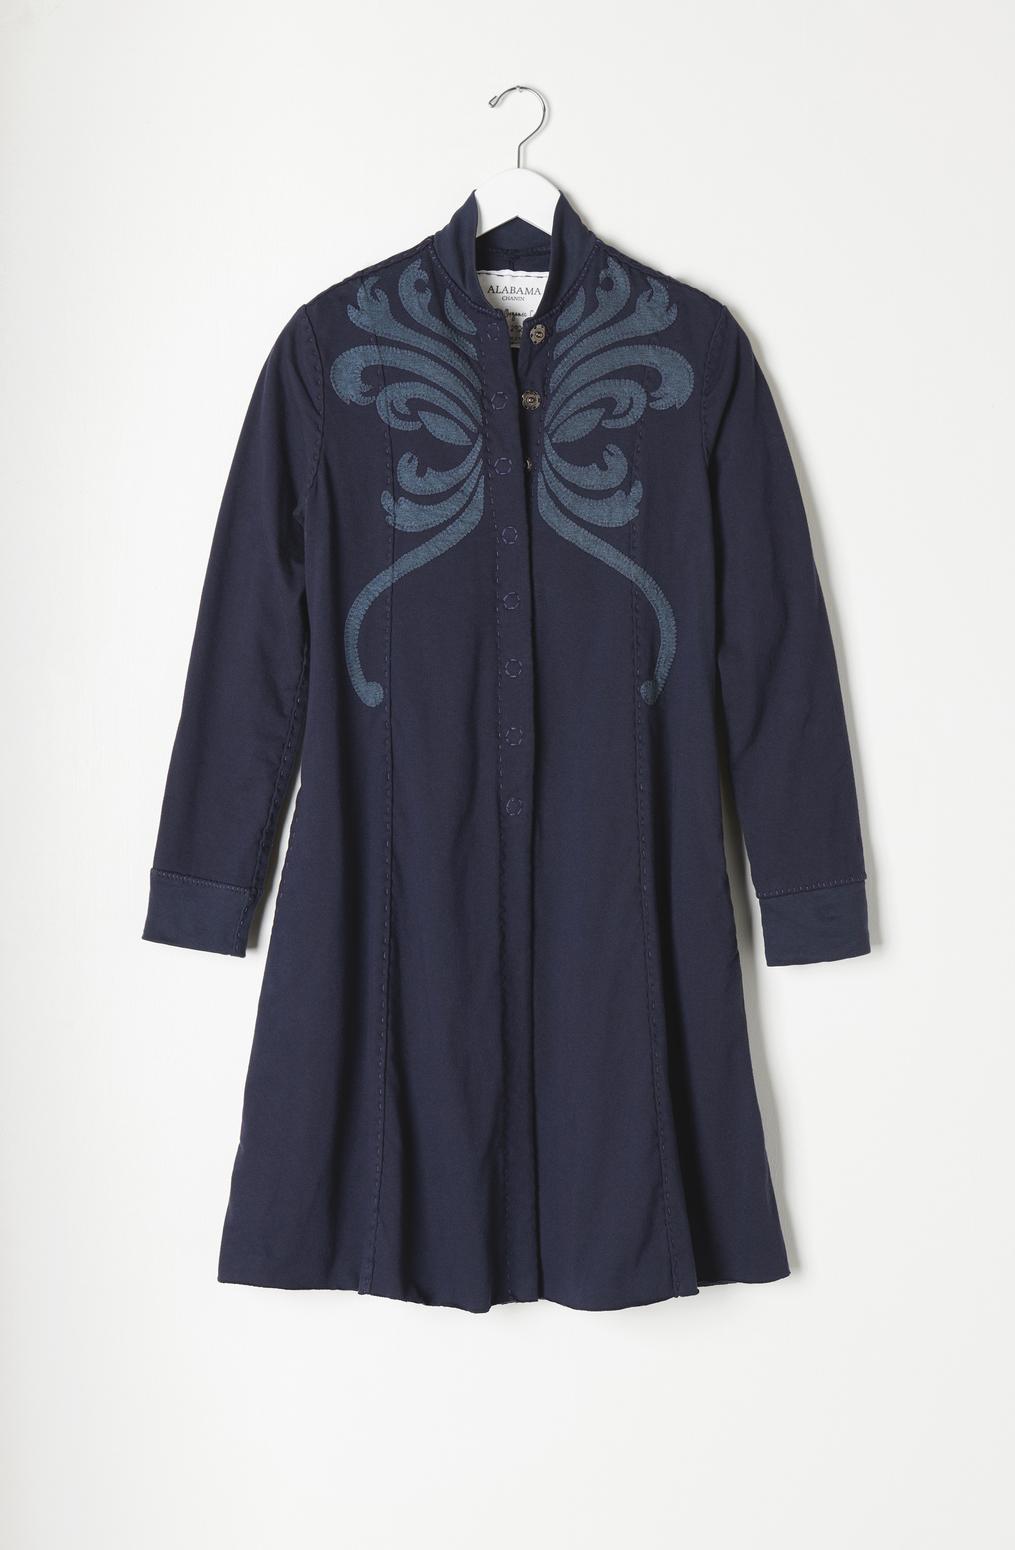 Panel jacket   violin   sapphire navy   a 935   august 2019   robert rausch38